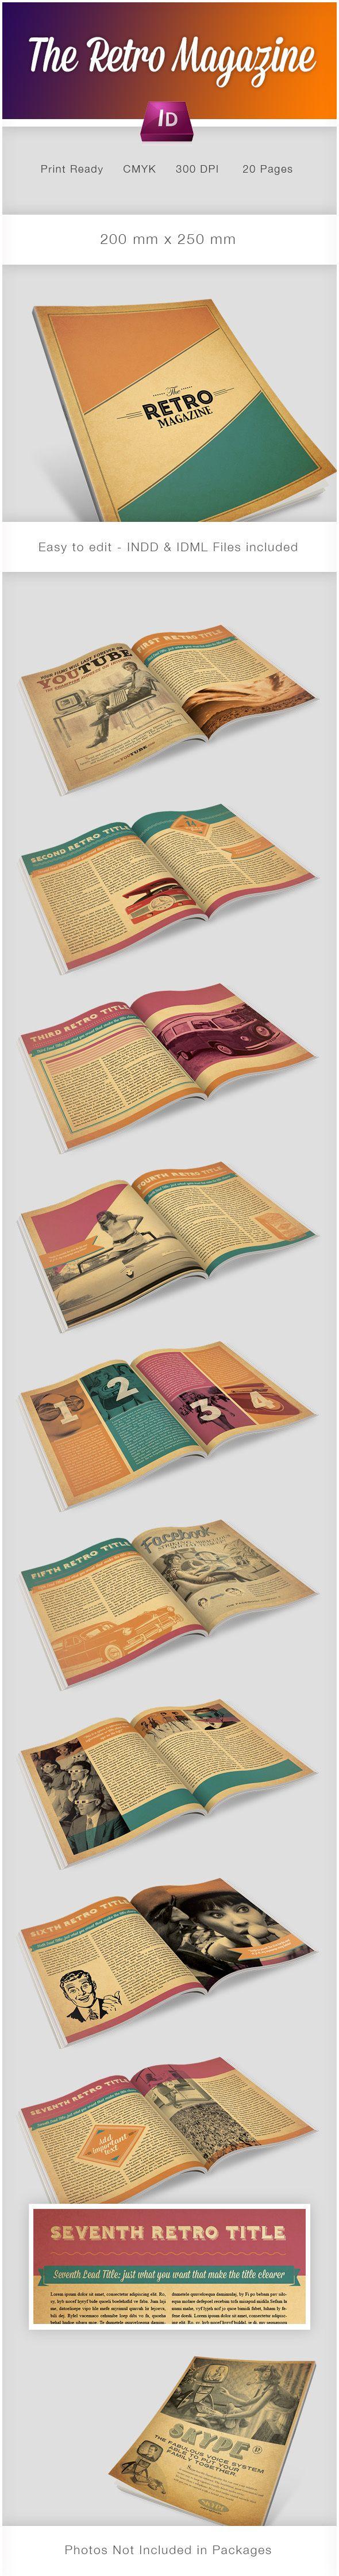 Spreekt aan door design, mogelijkheden en font gebruik. Deze template zou ik graag eens uitproberen!